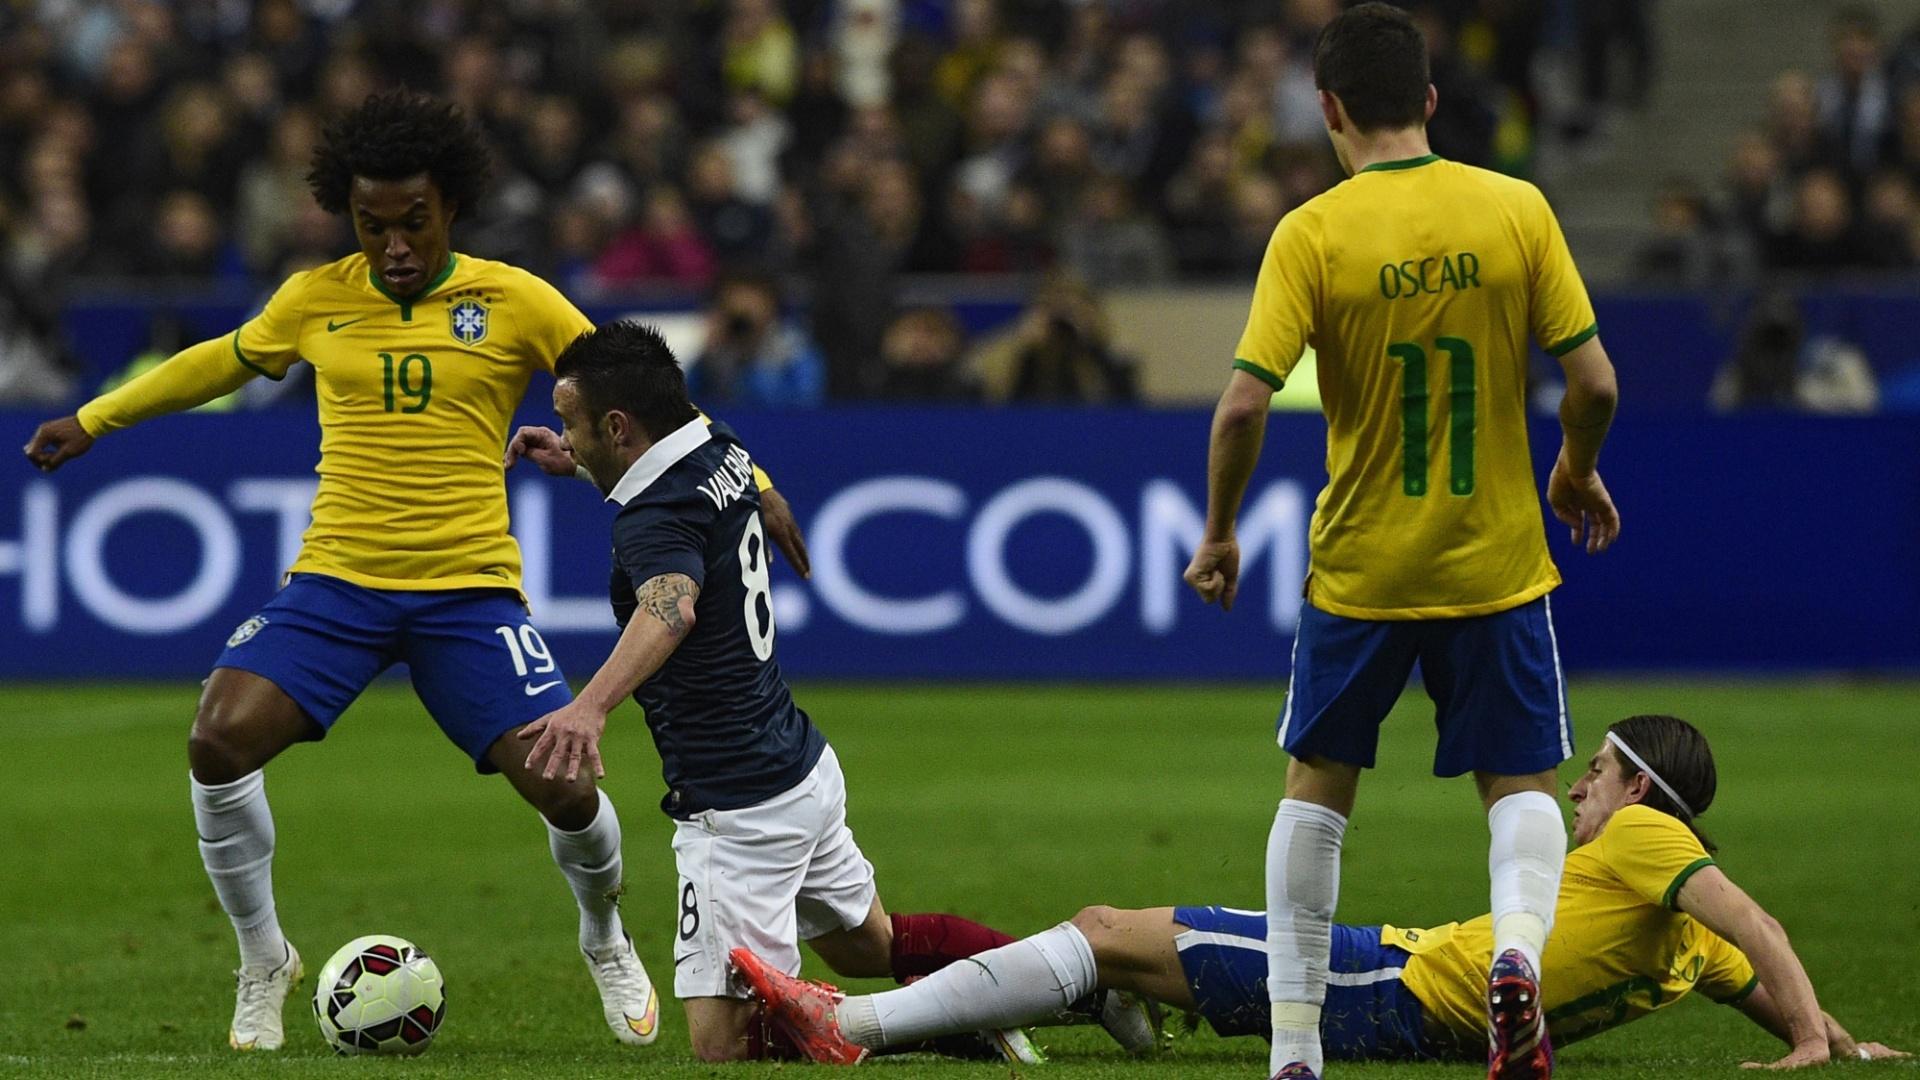 Willian disputa a bola com Valbuena na partida entre França e Brasil, no Stade de France